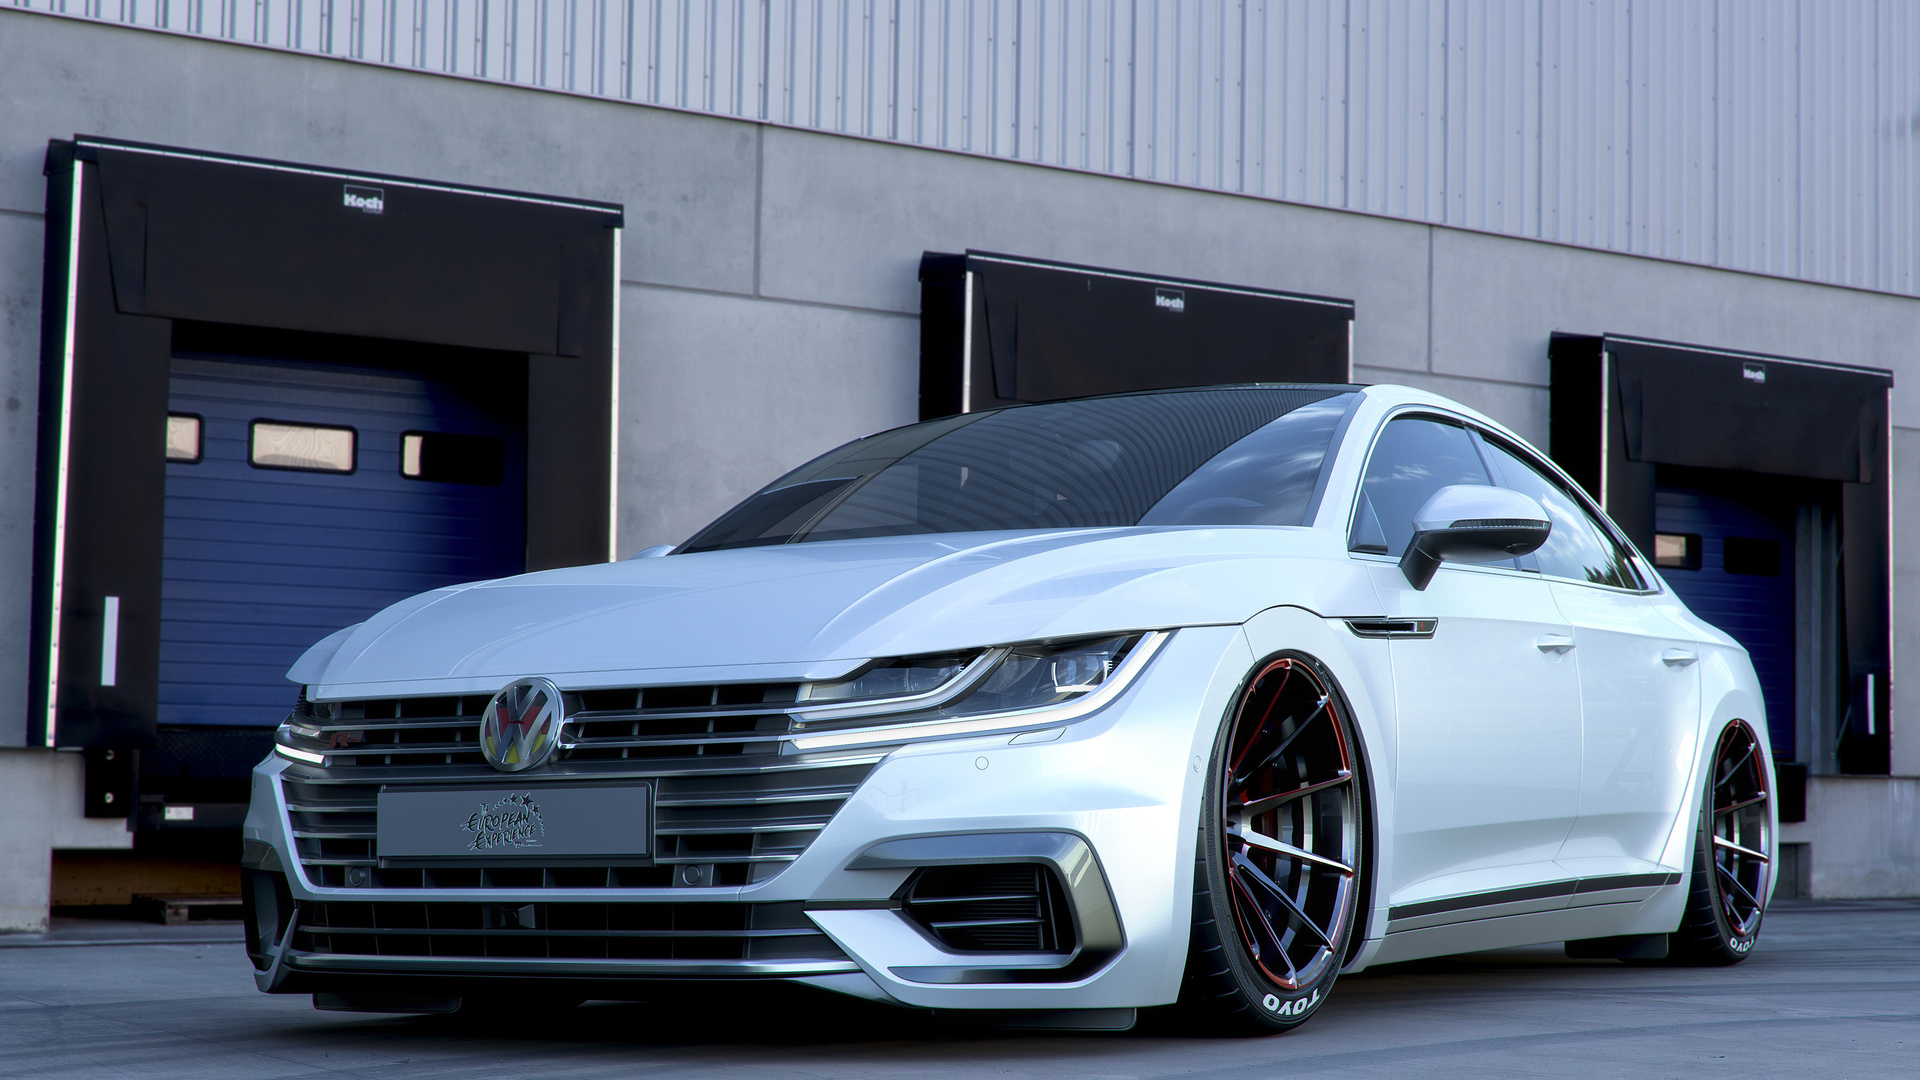 volkswagen arteon, tuning, 2018 cars, stance, white arteon, german cars, volkswagen